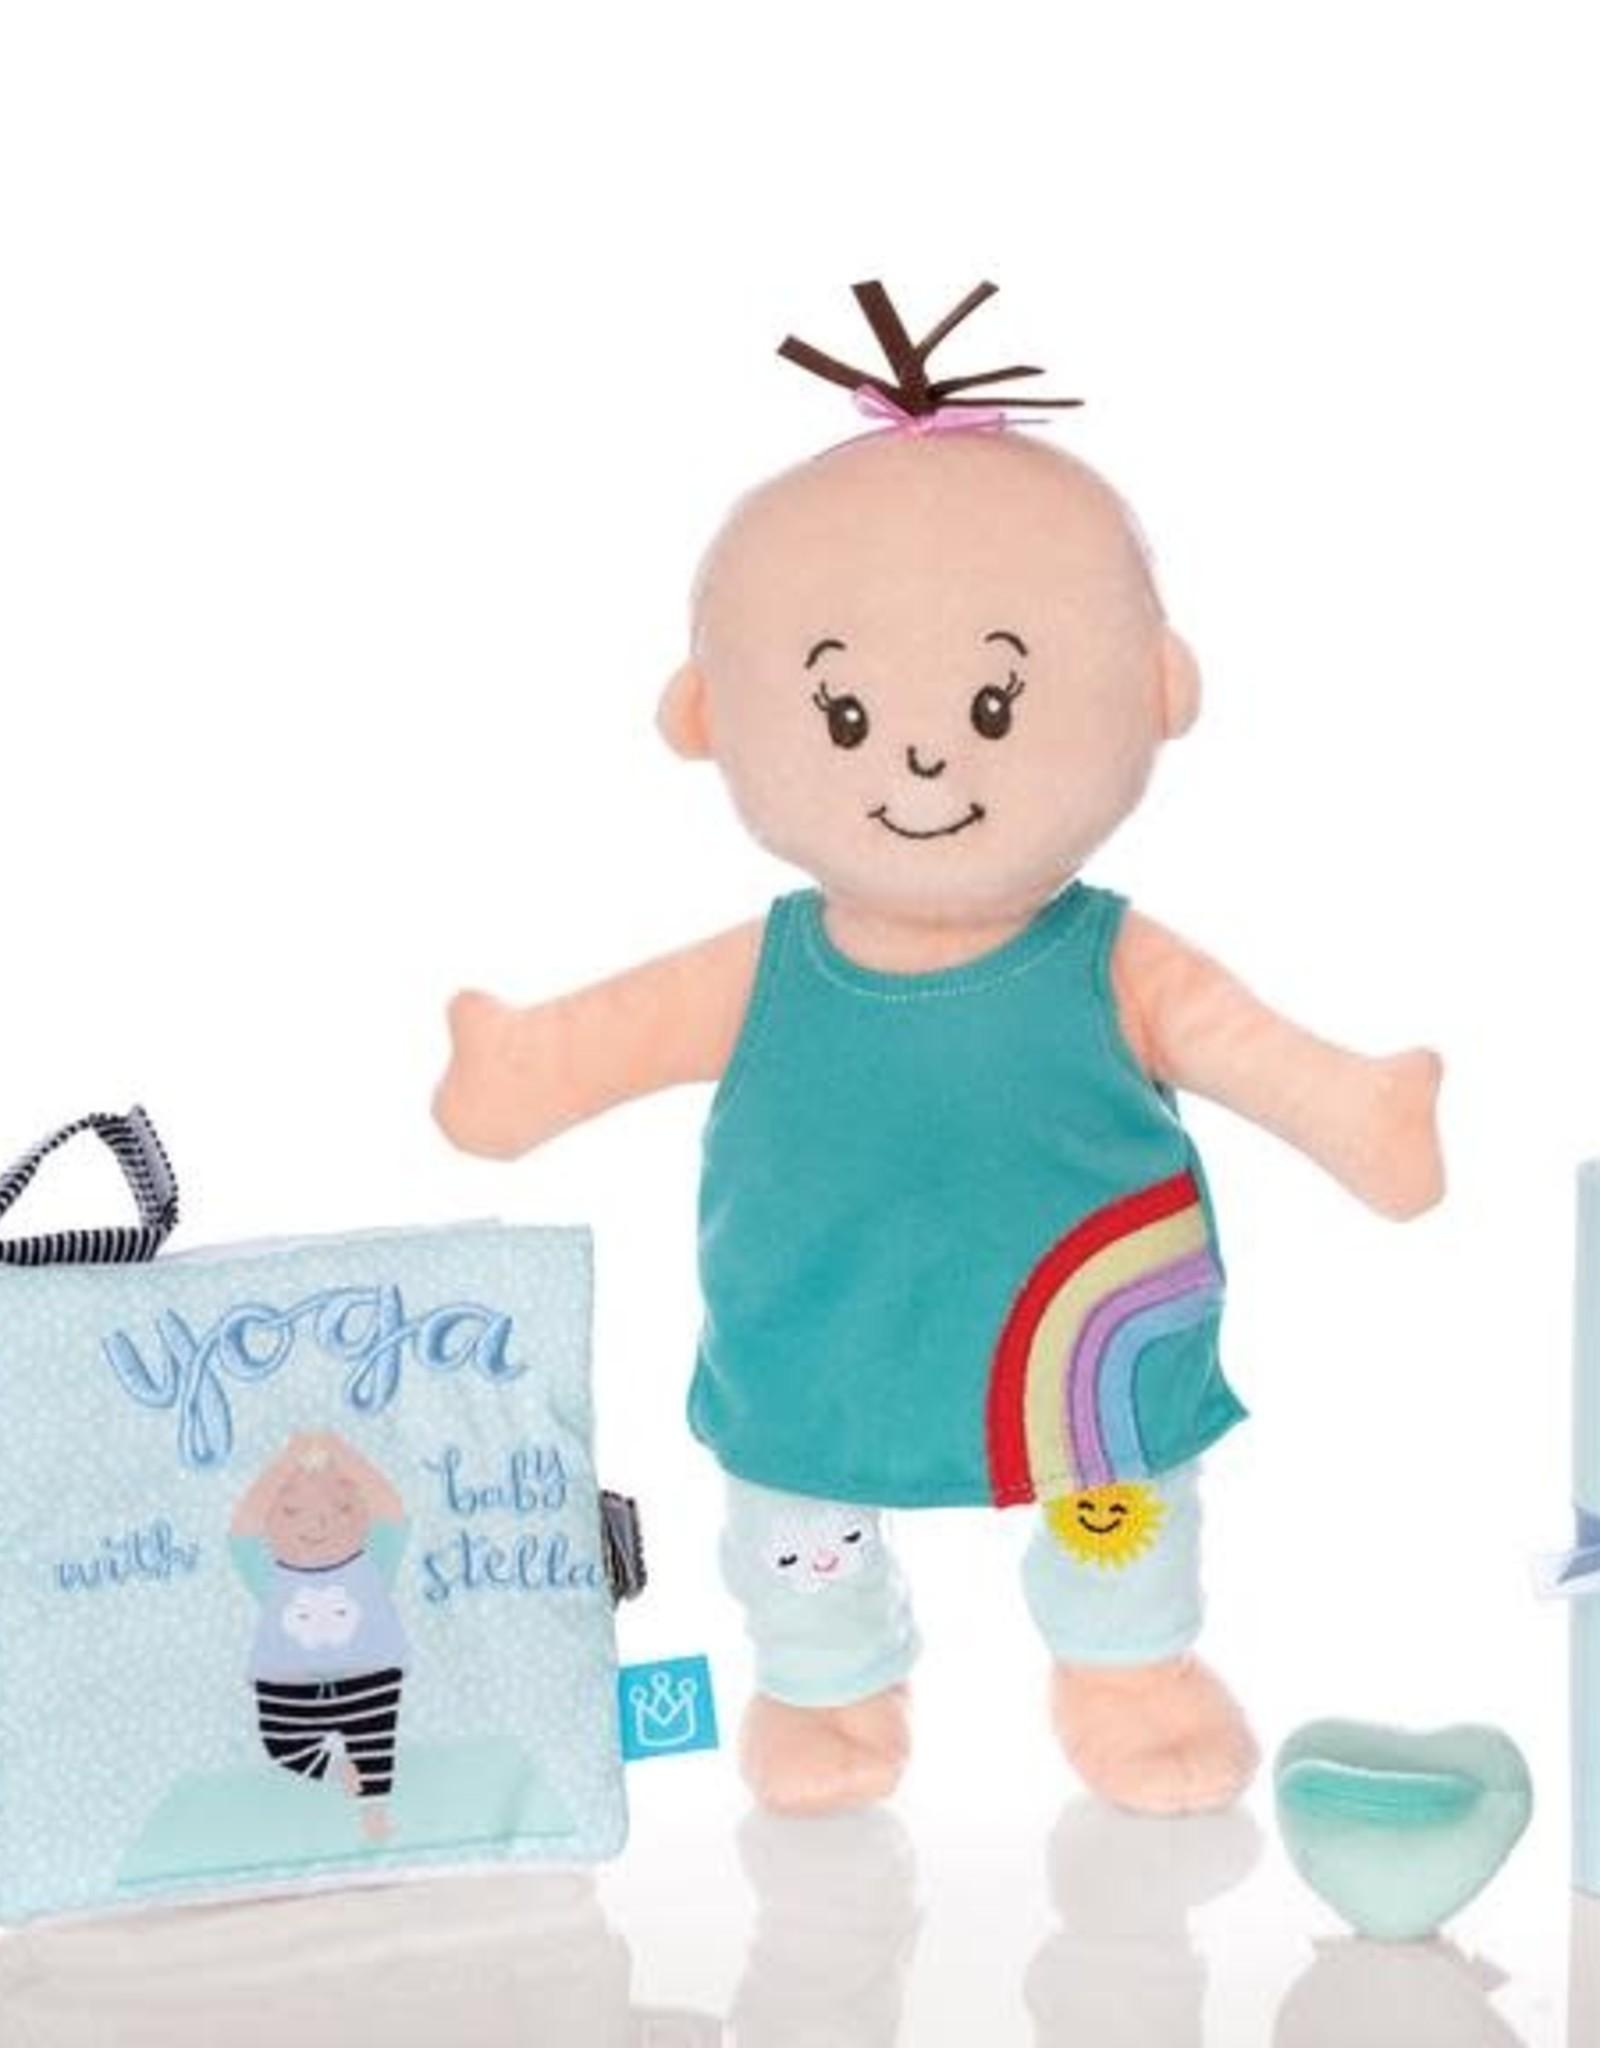 Manhattan Toy Wee Baby Stella Yoga Set